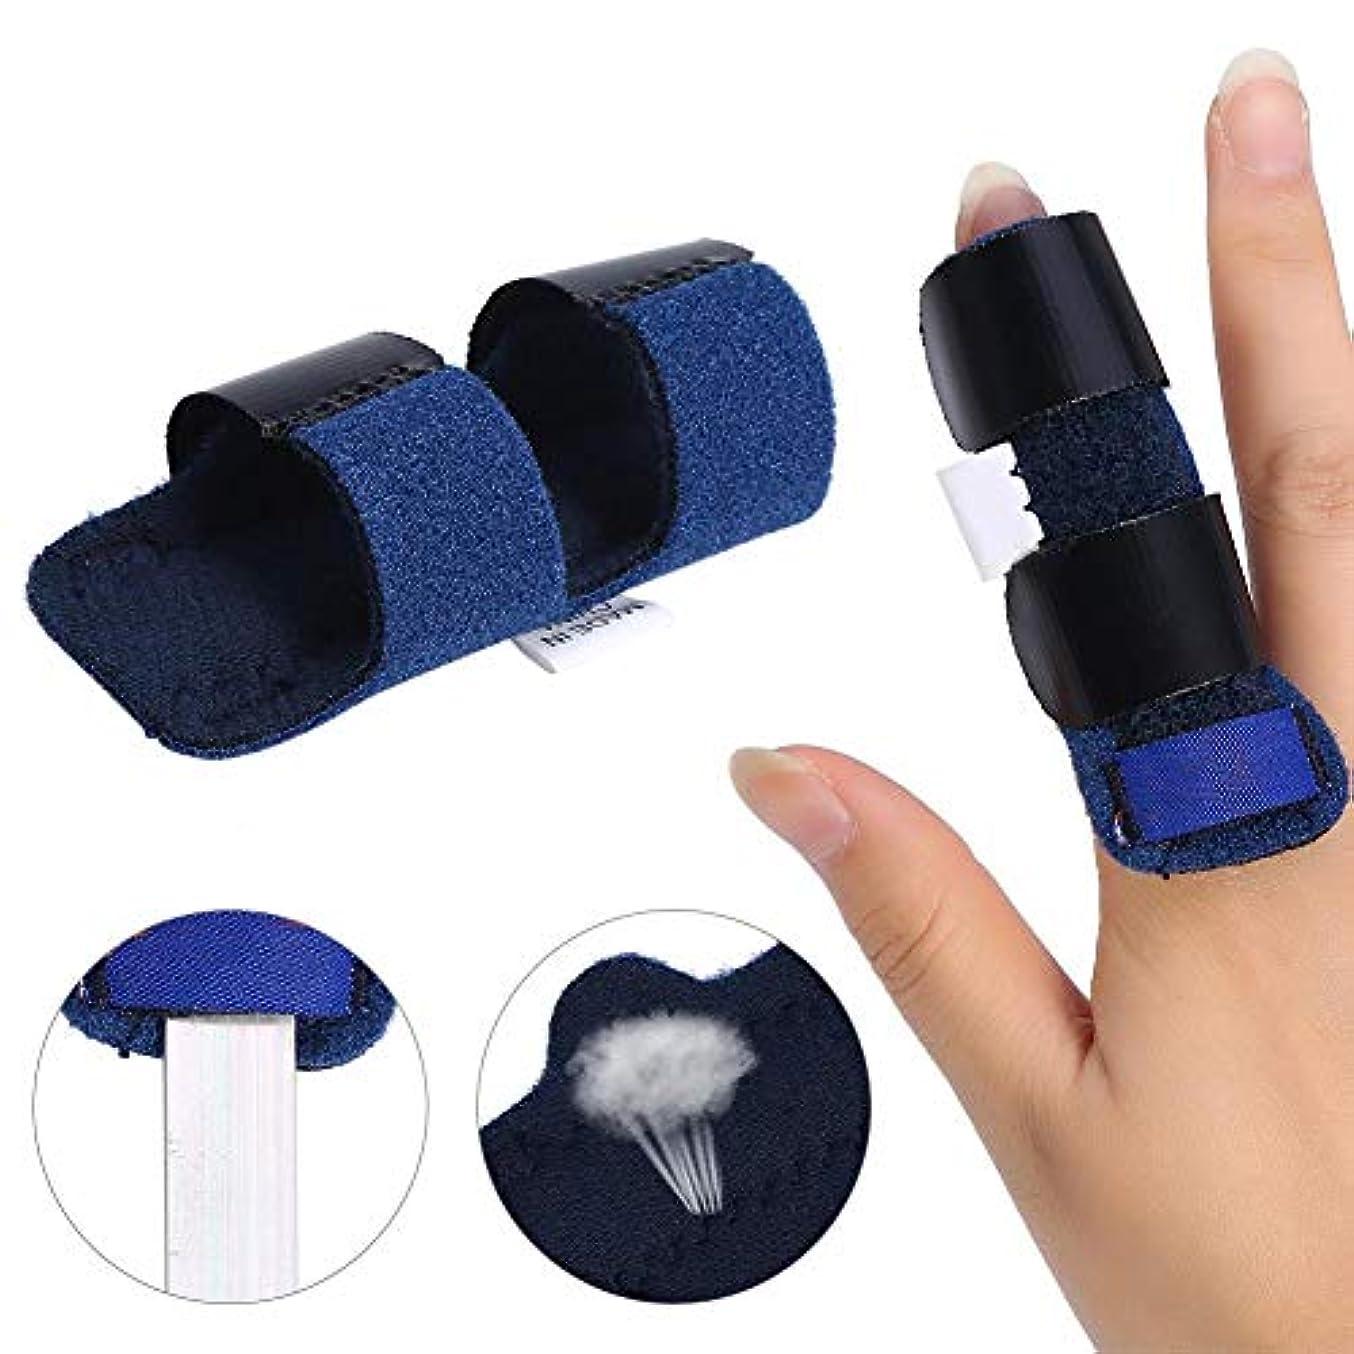 上記の頭と肩バンドル入学する指の副木、調整可能なトリガー指の固定副木矯正ブレースコレクターサポート指のひび割れのための痛みの緩和リリースナックルと指の骨折の固定